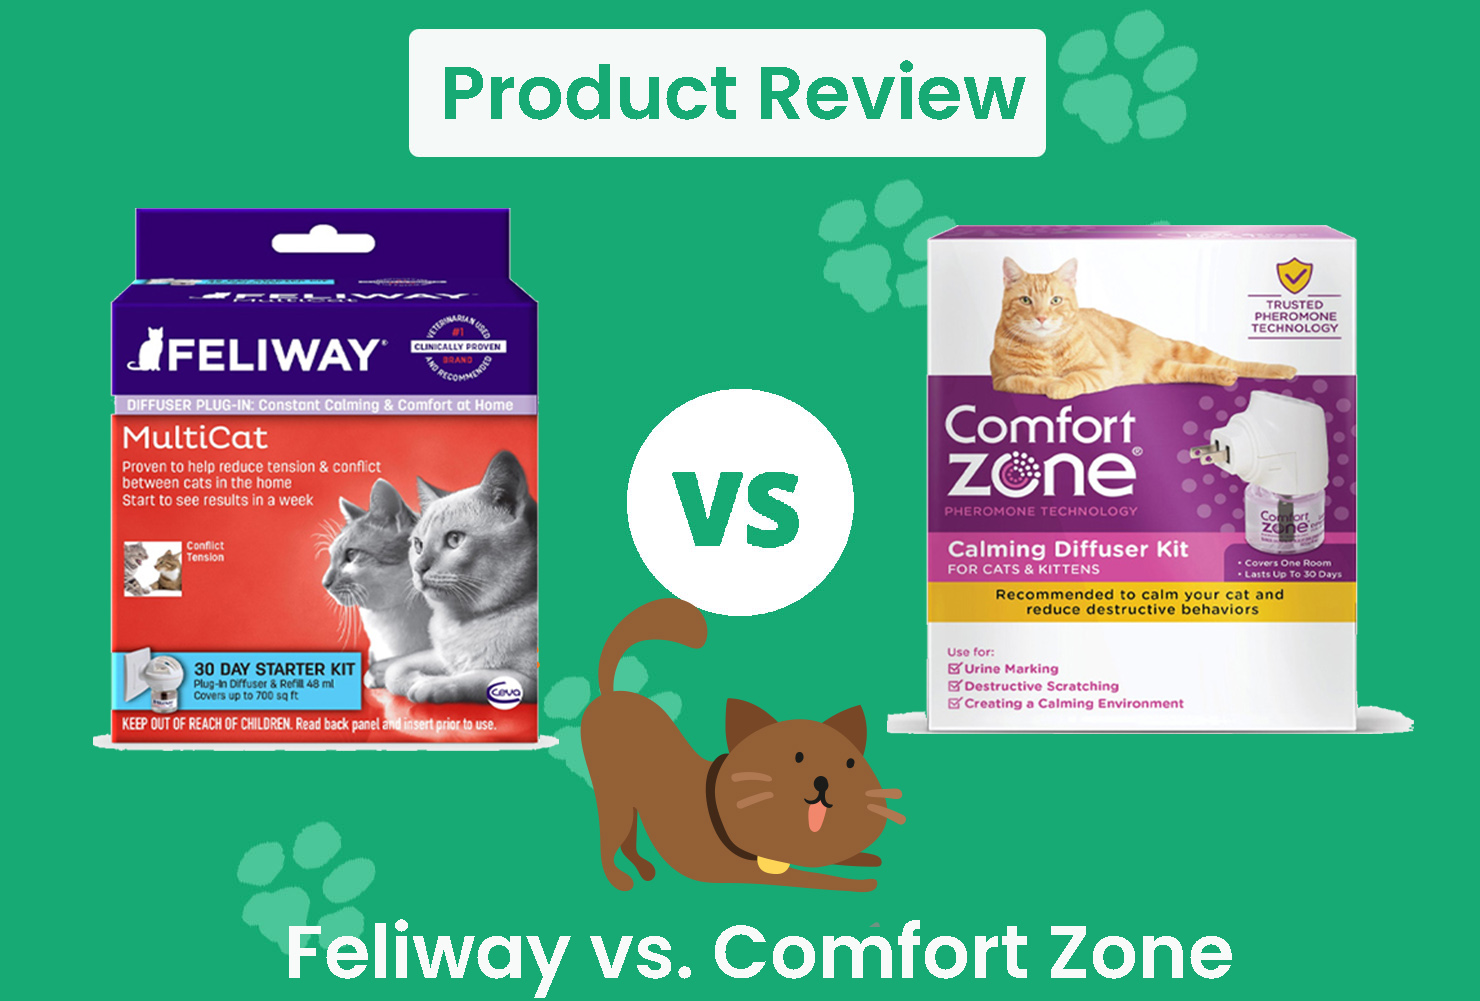 feliway vs. comfort zone